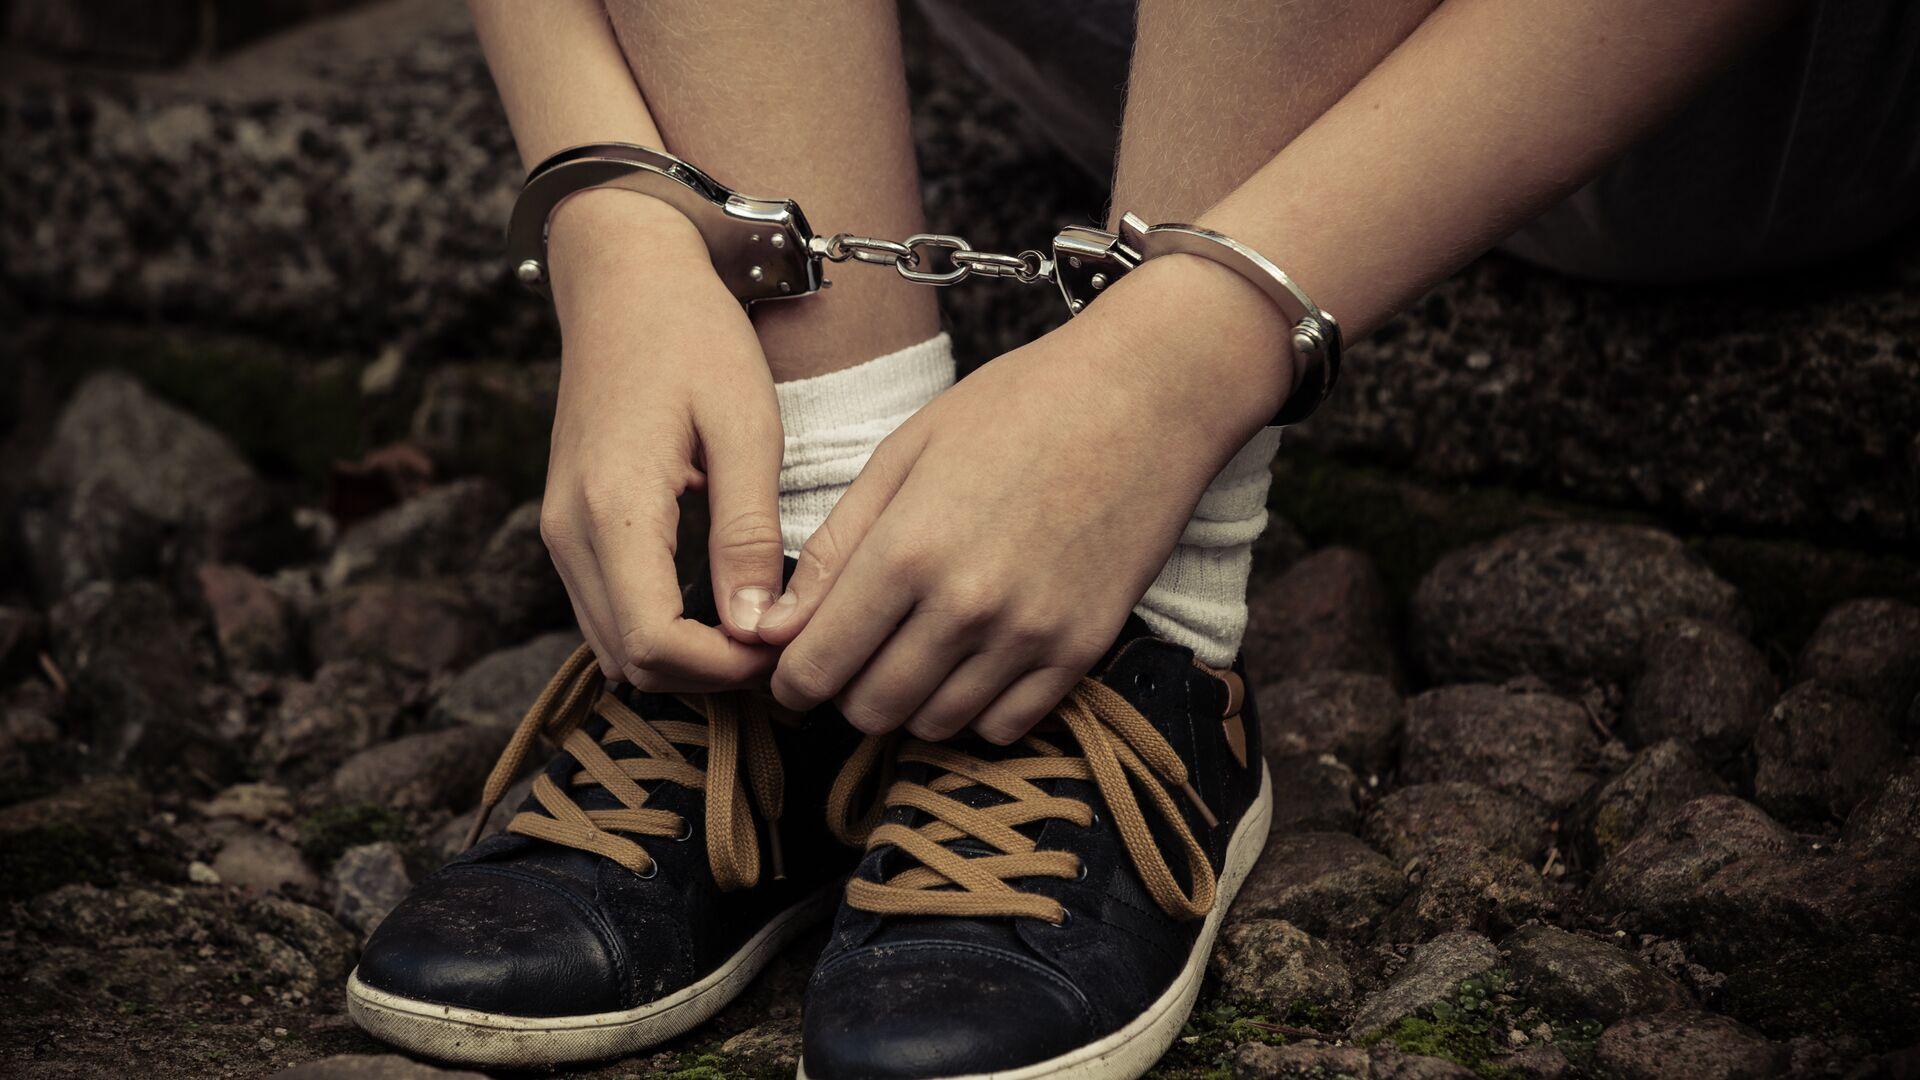 Подросток в наручниках - РИА Новости, 1920, 02.07.2021